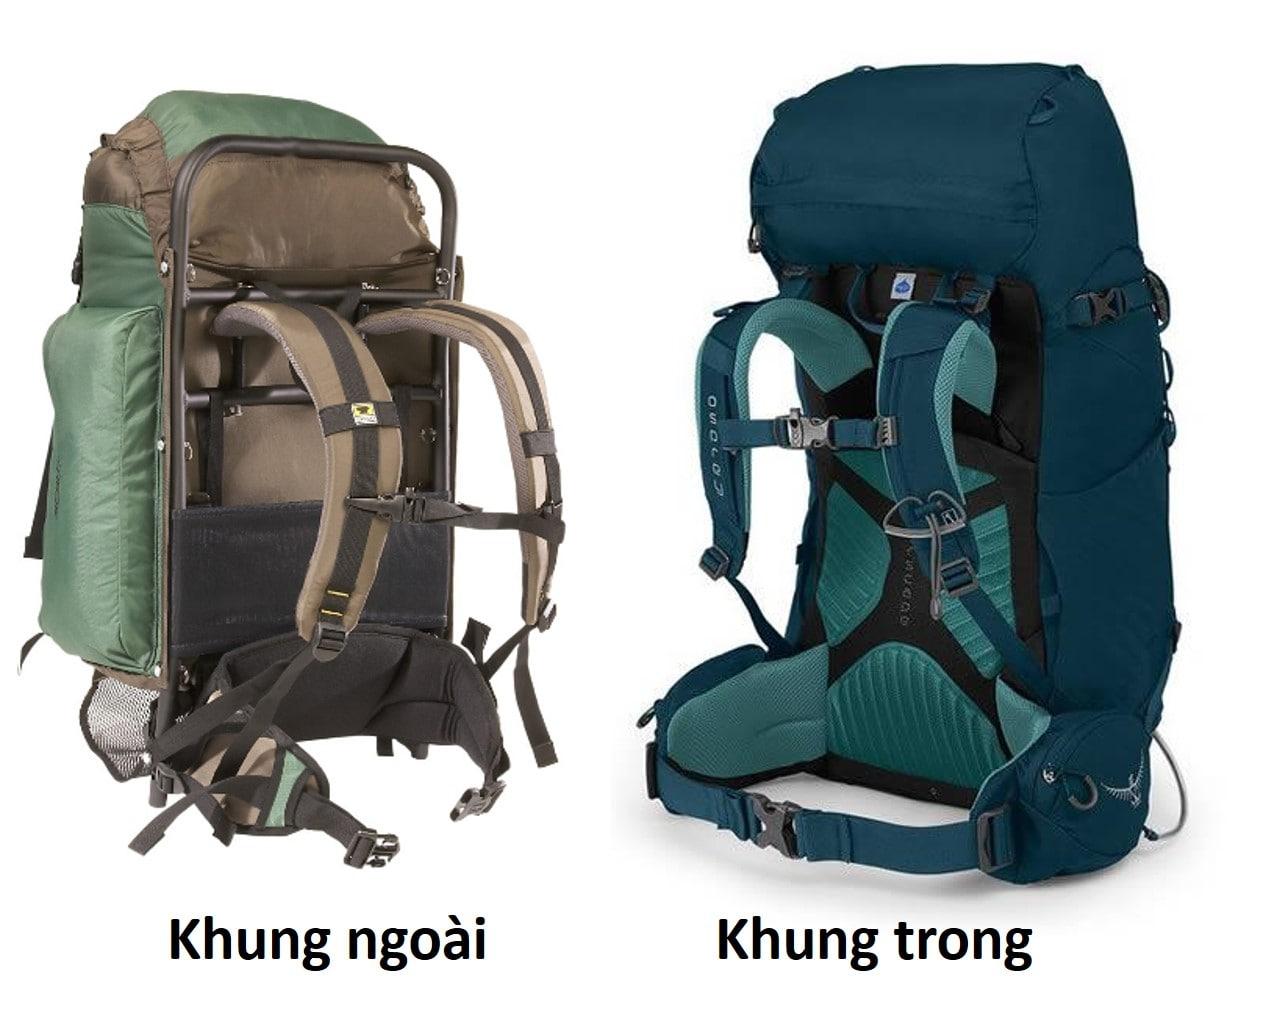 Túi du lịch khung ngoài và Túi du lịch khung trong